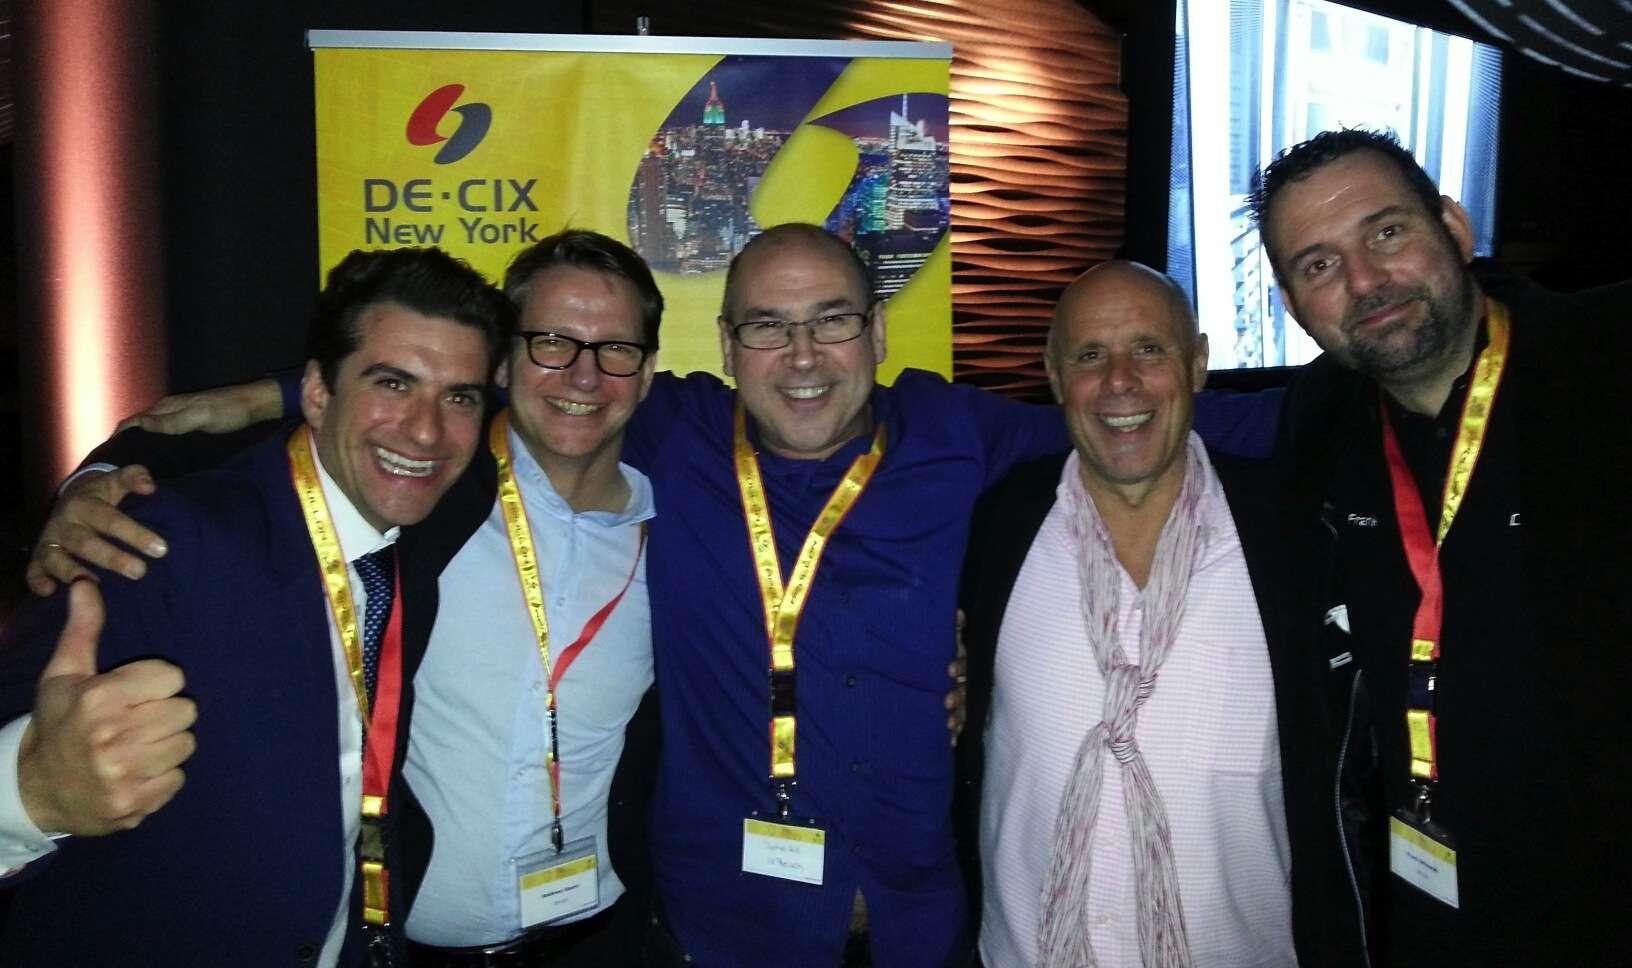 L-R: Ivo Ivanov - DE-CIX, Andreas Sturm - DE-CIX, John Hill - IX Reach, Harald Summa - DE-CIX & Frank Orlowski - DE-CIX.